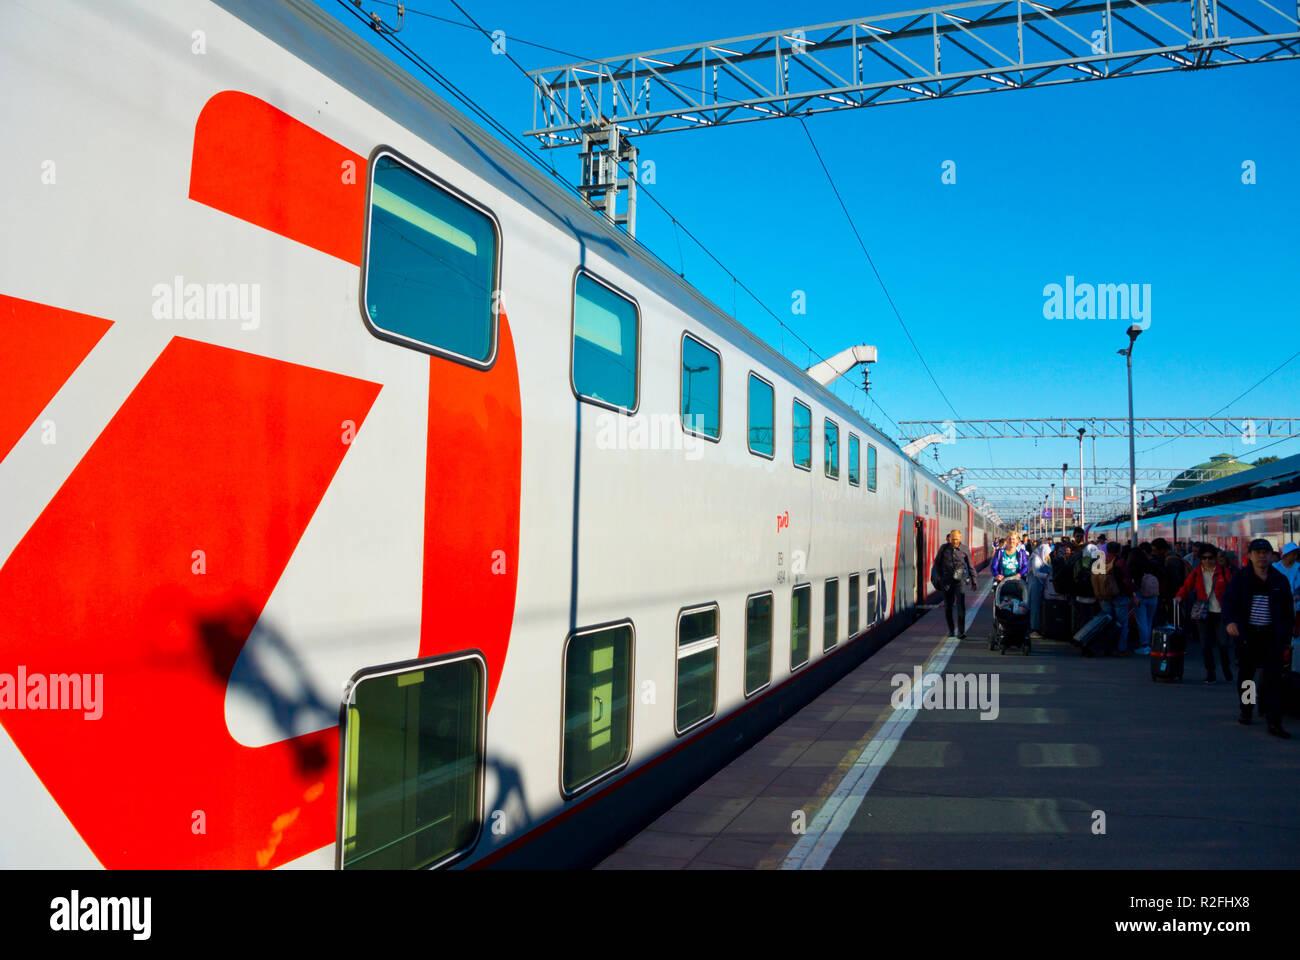 Leningradzky Vokzal, Leningrad railway station, Moscow, Russia - Stock Image